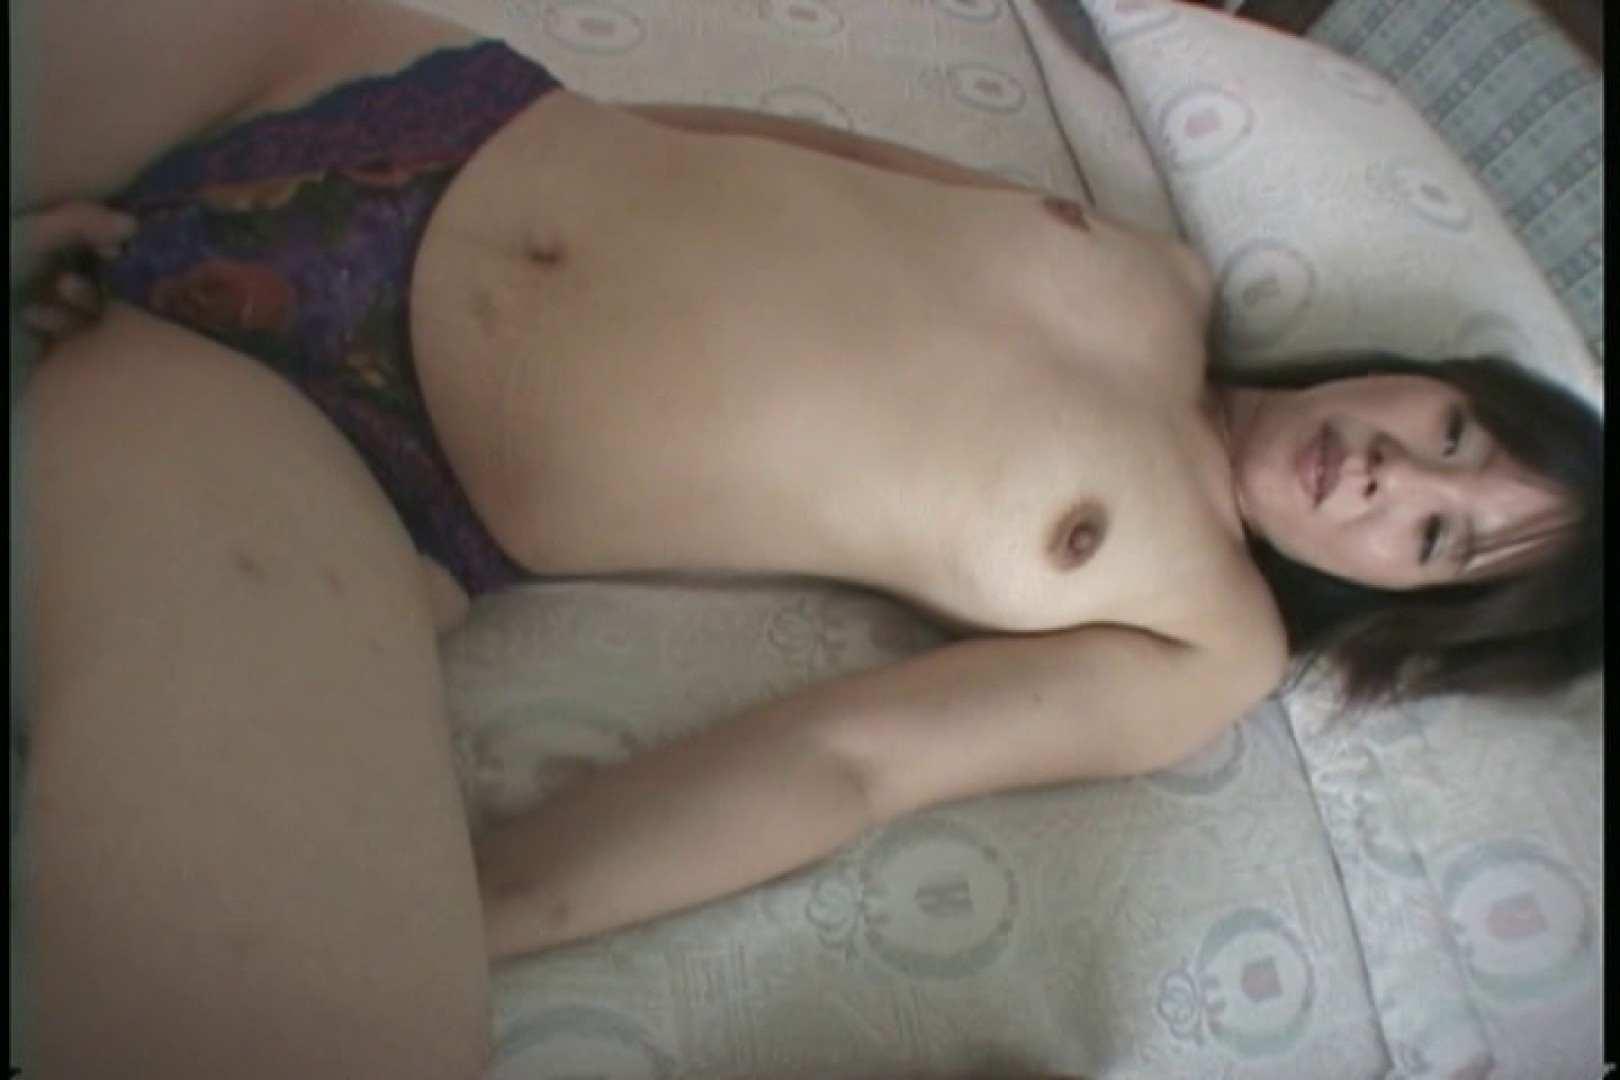 初めてのビデオ撮影に緊張する素人OLとセックス~武田じゅん~ オナニーし放題   綺麗なおっぱい  98pic 84